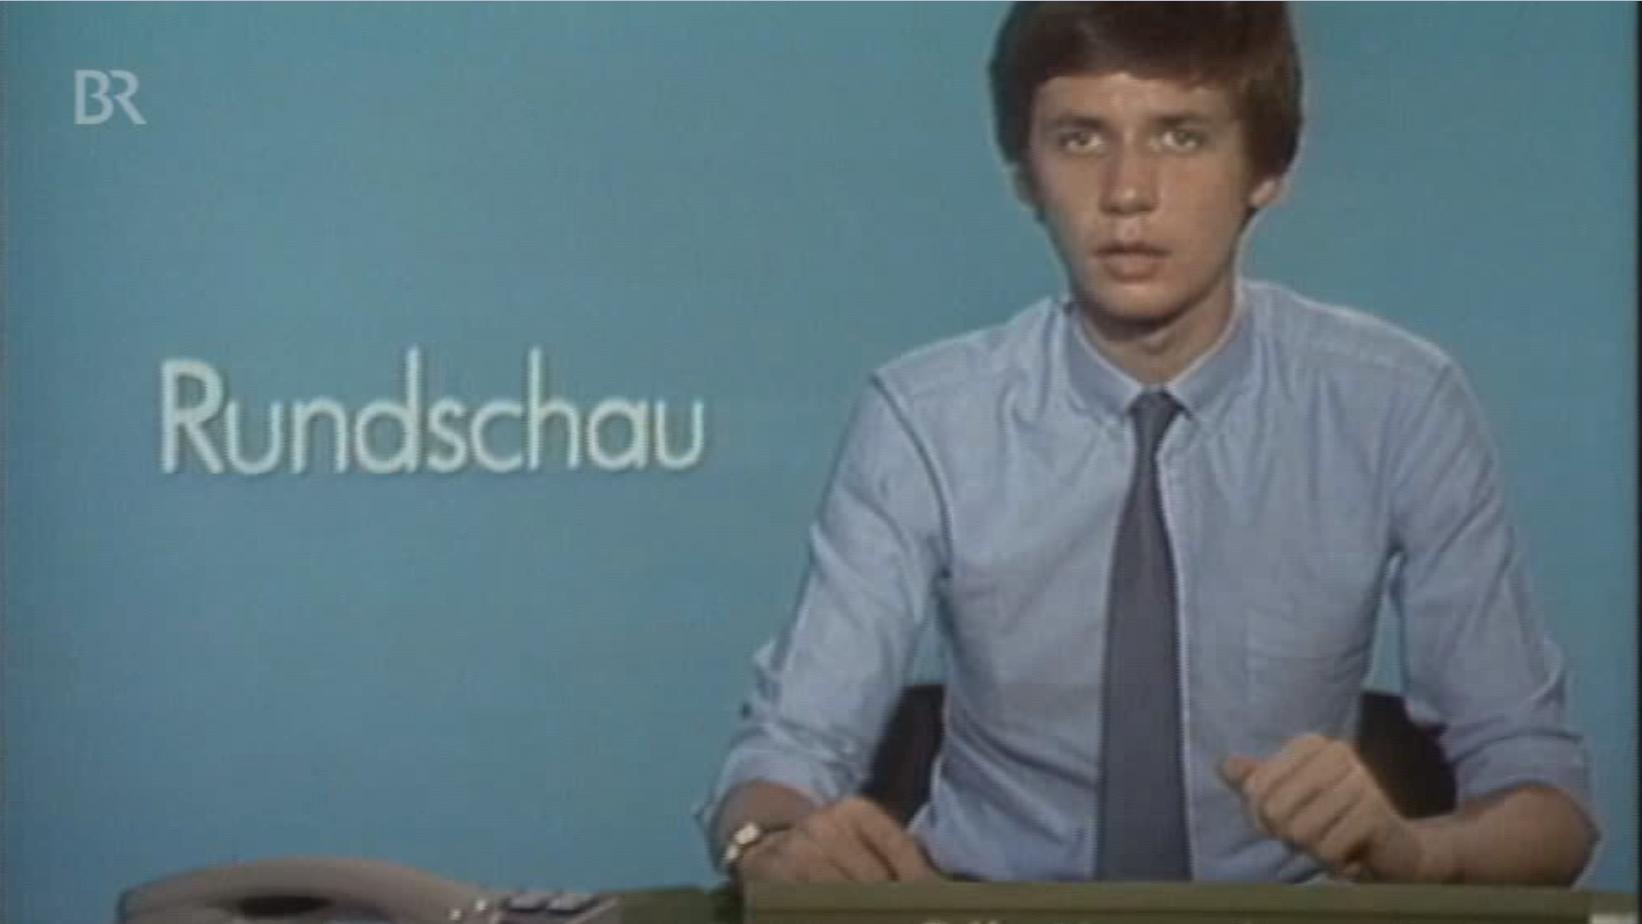 Günther Jauch als Rundschau-Moderator